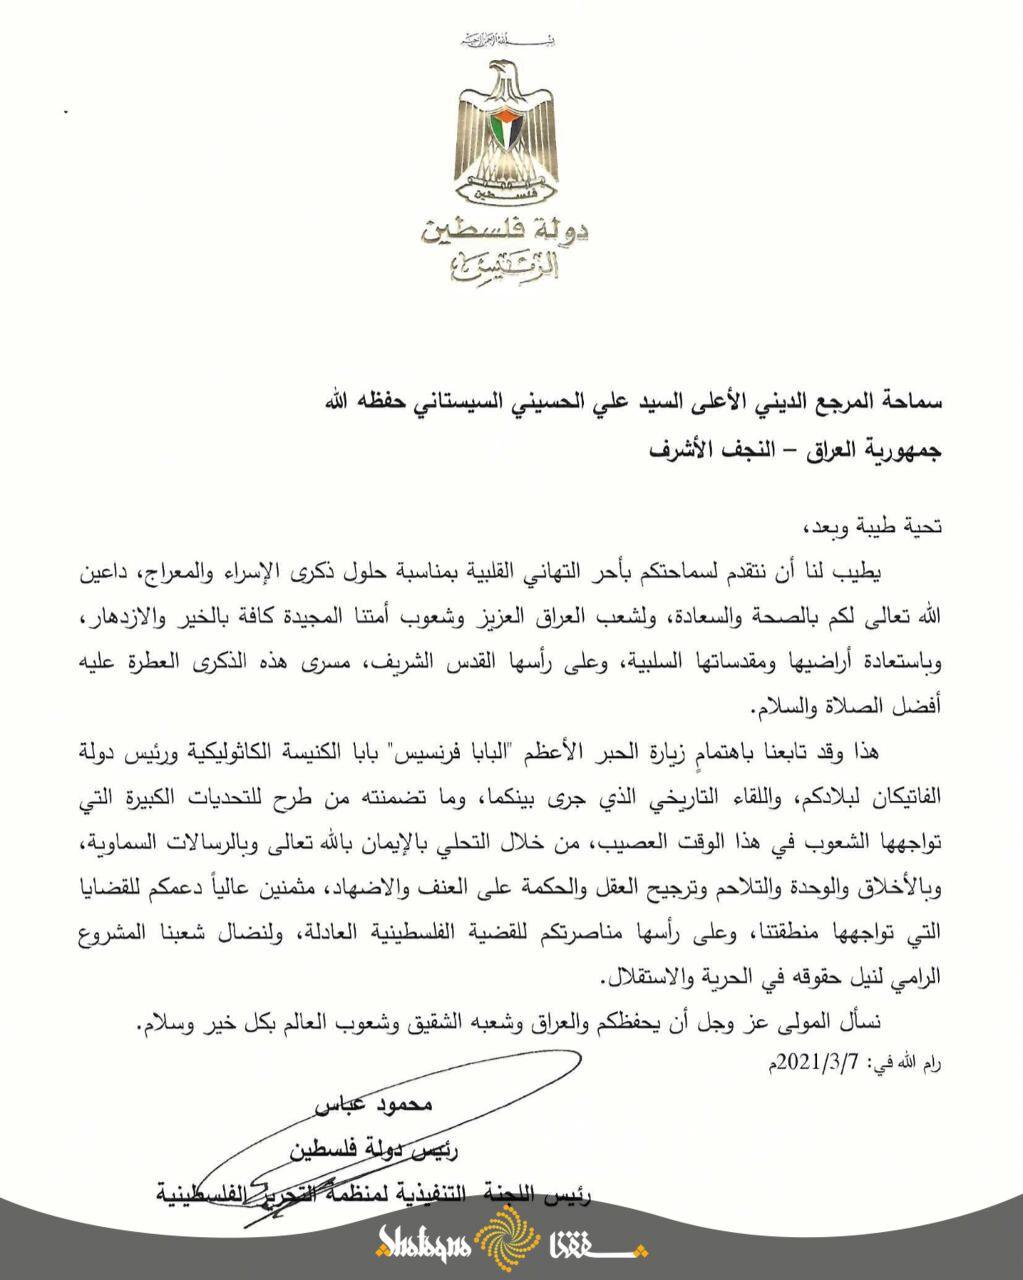 رسالة الرئيس الفلسطيني للسيد السيستاني حول لقائه بالبابا